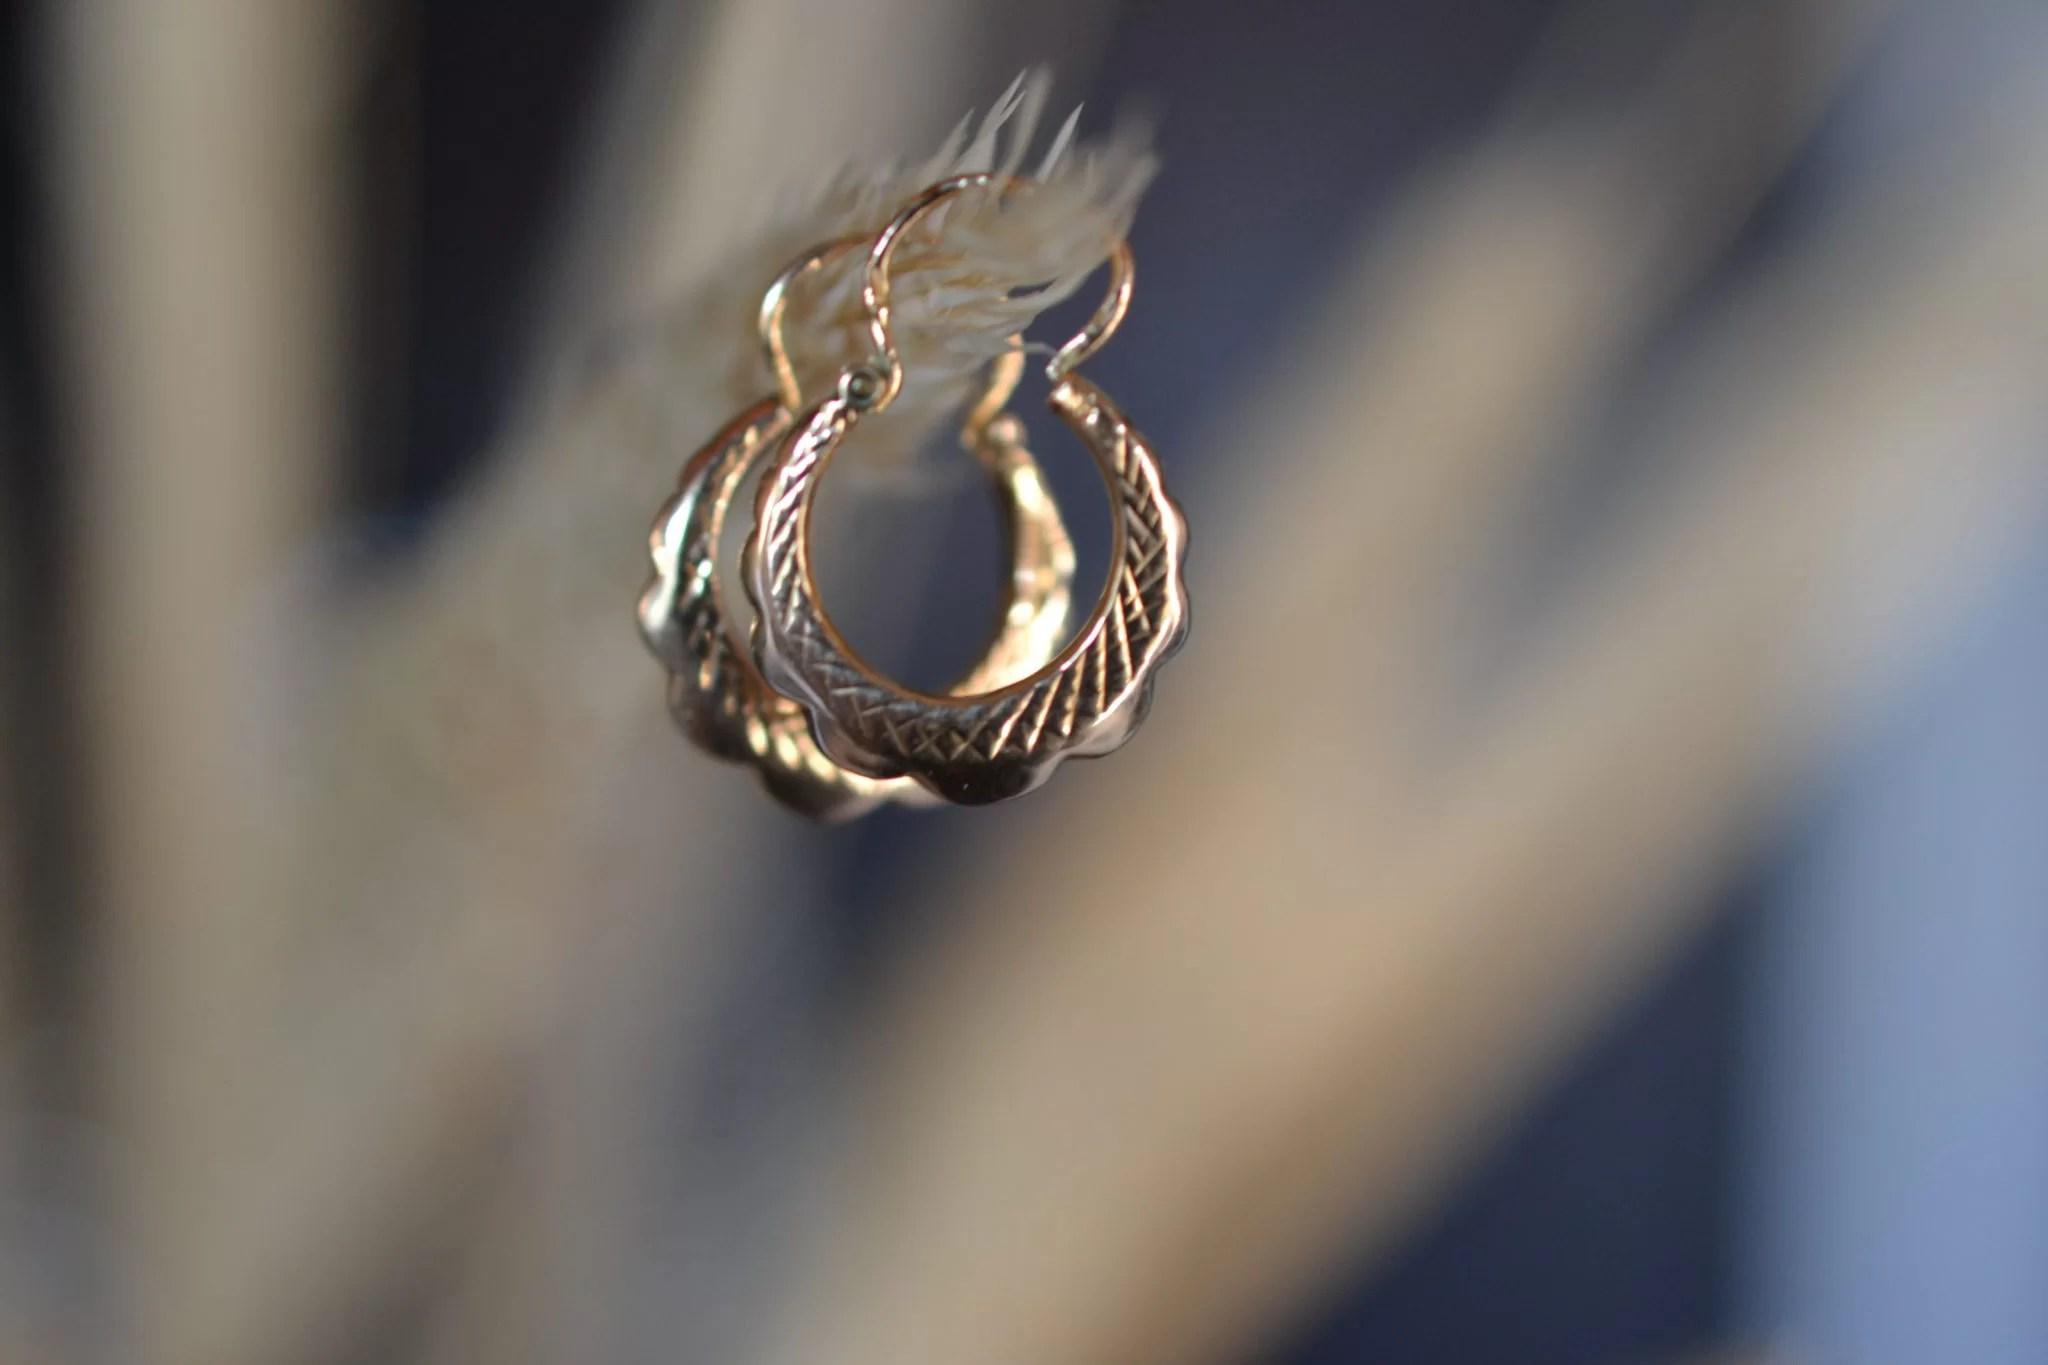 boucles d'oreilles anciennes en Or 18 carats 750:1000 - noircarat.fr - bijoux seconde main en Or massif